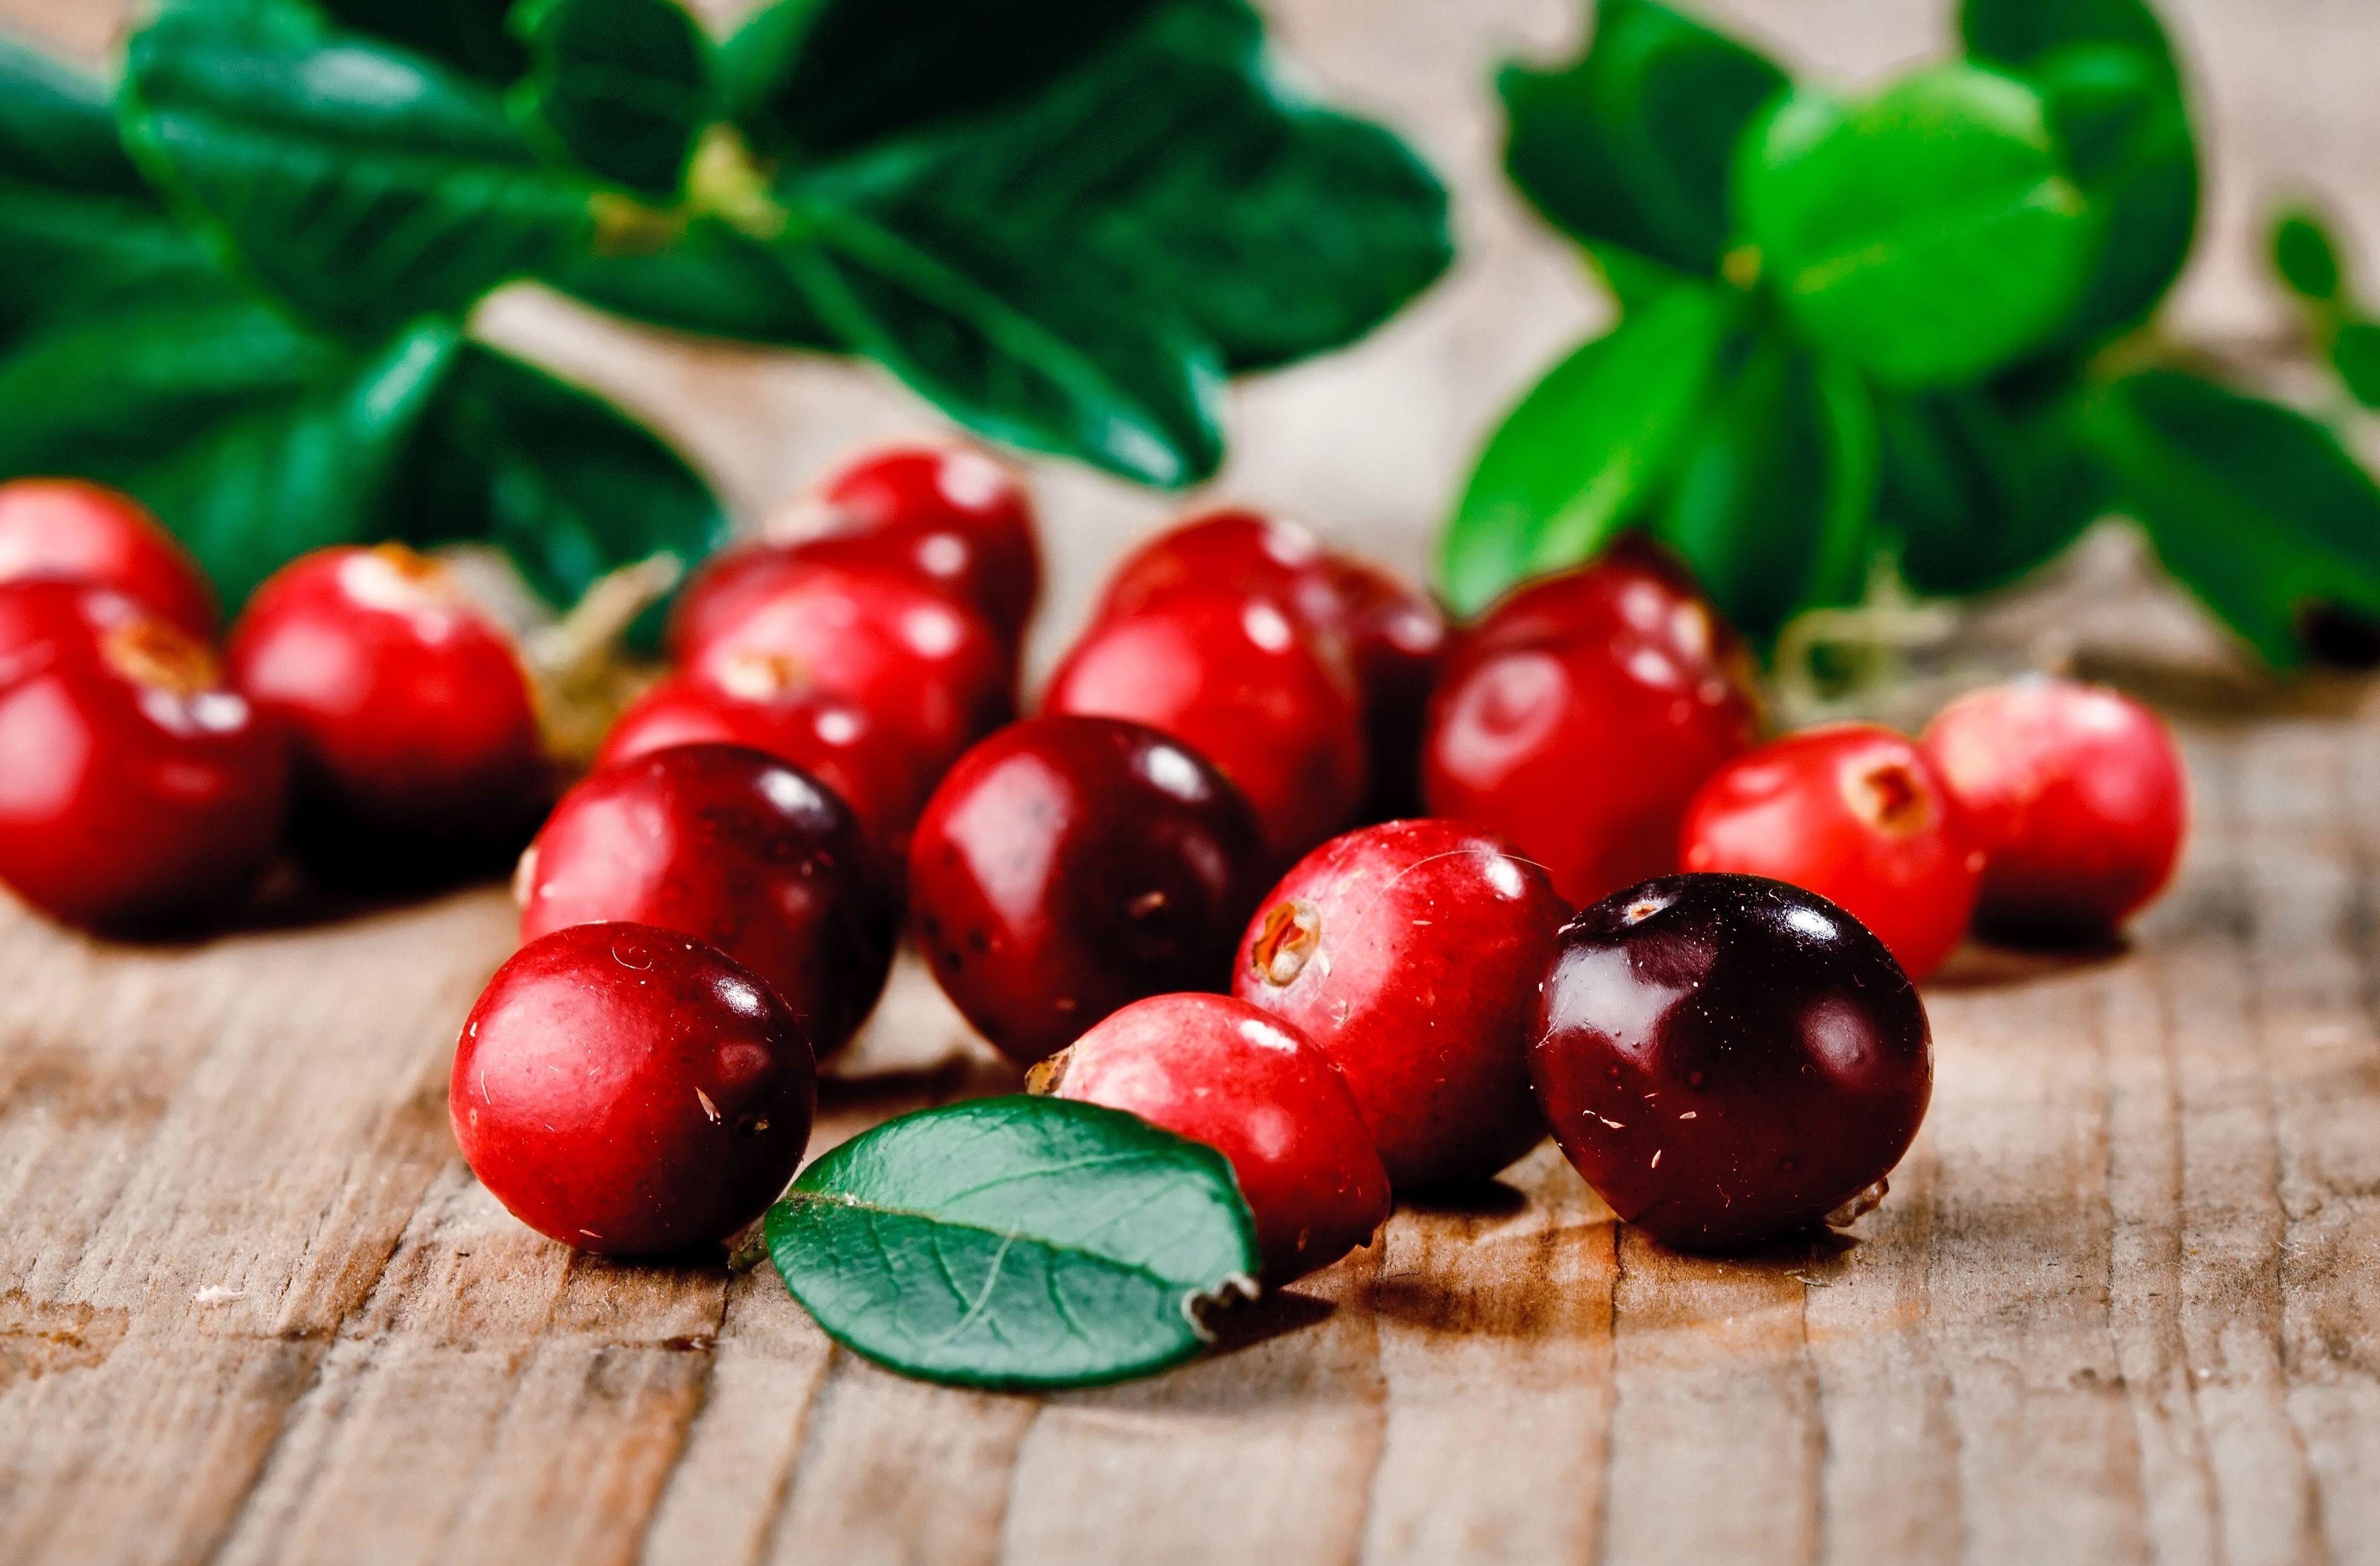 брусника ягода ведро  № 3697082 бесплатно